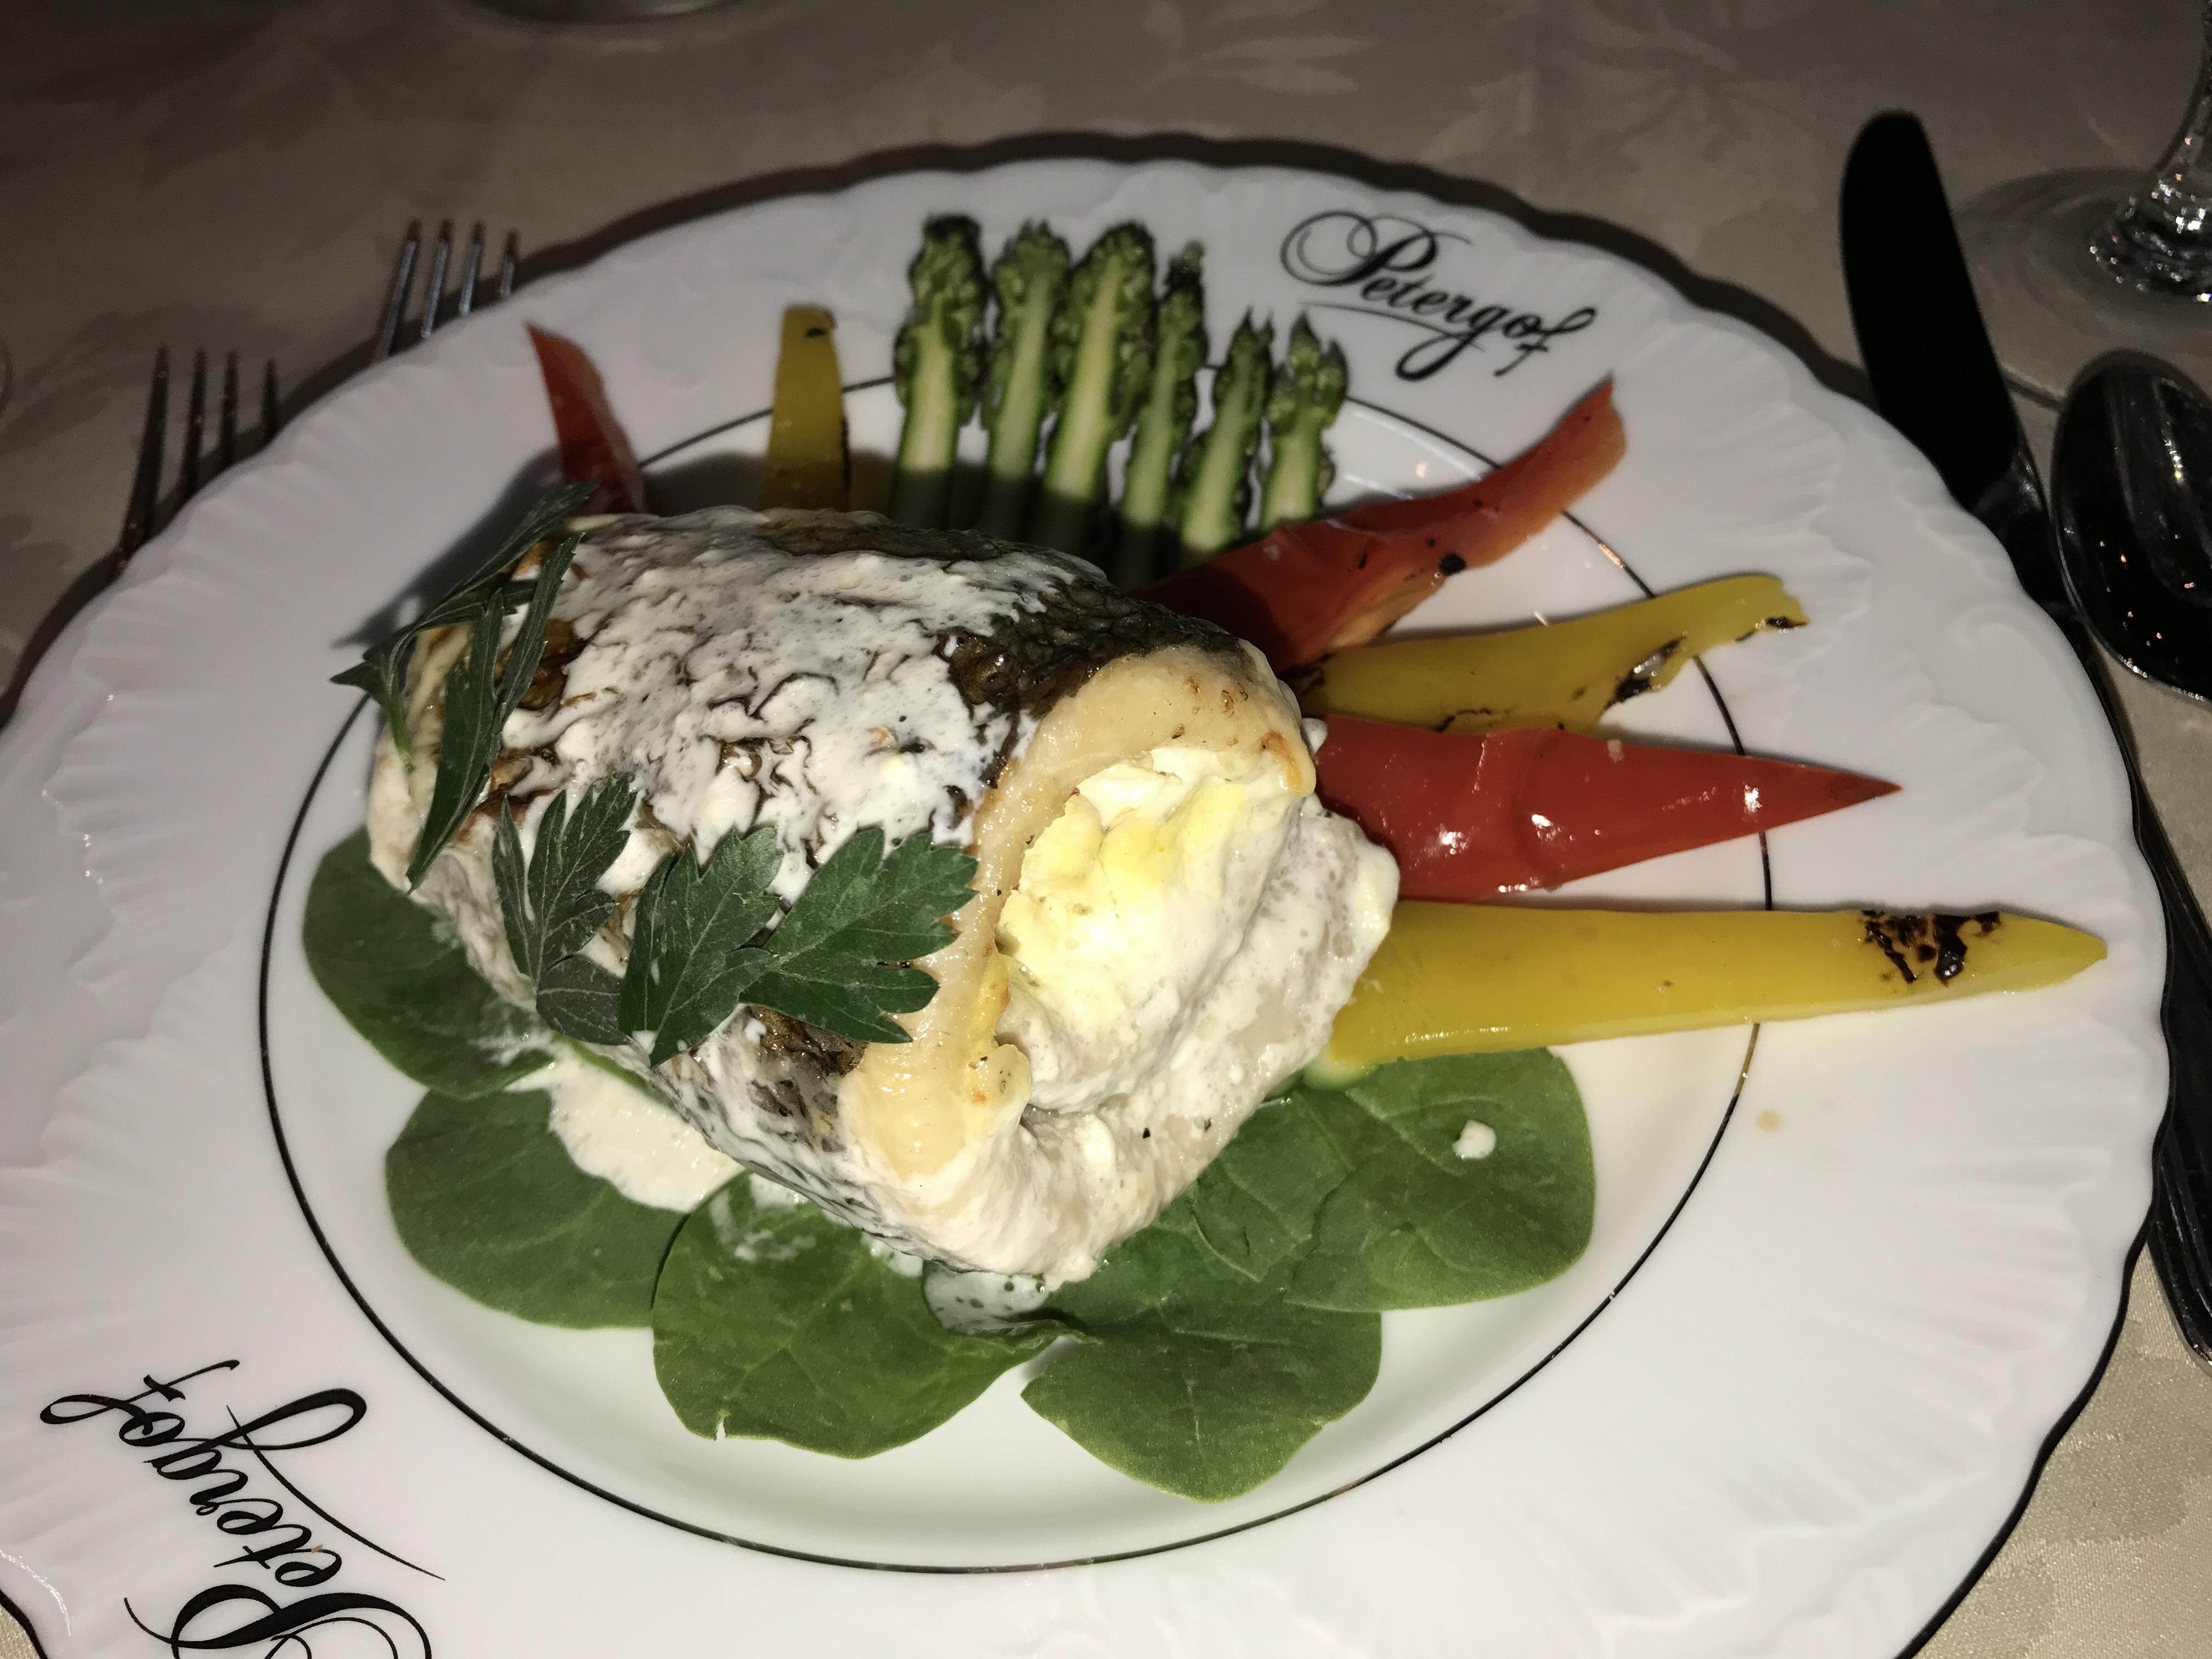 Рулет из White fish с крим чиз и овощами гриль8